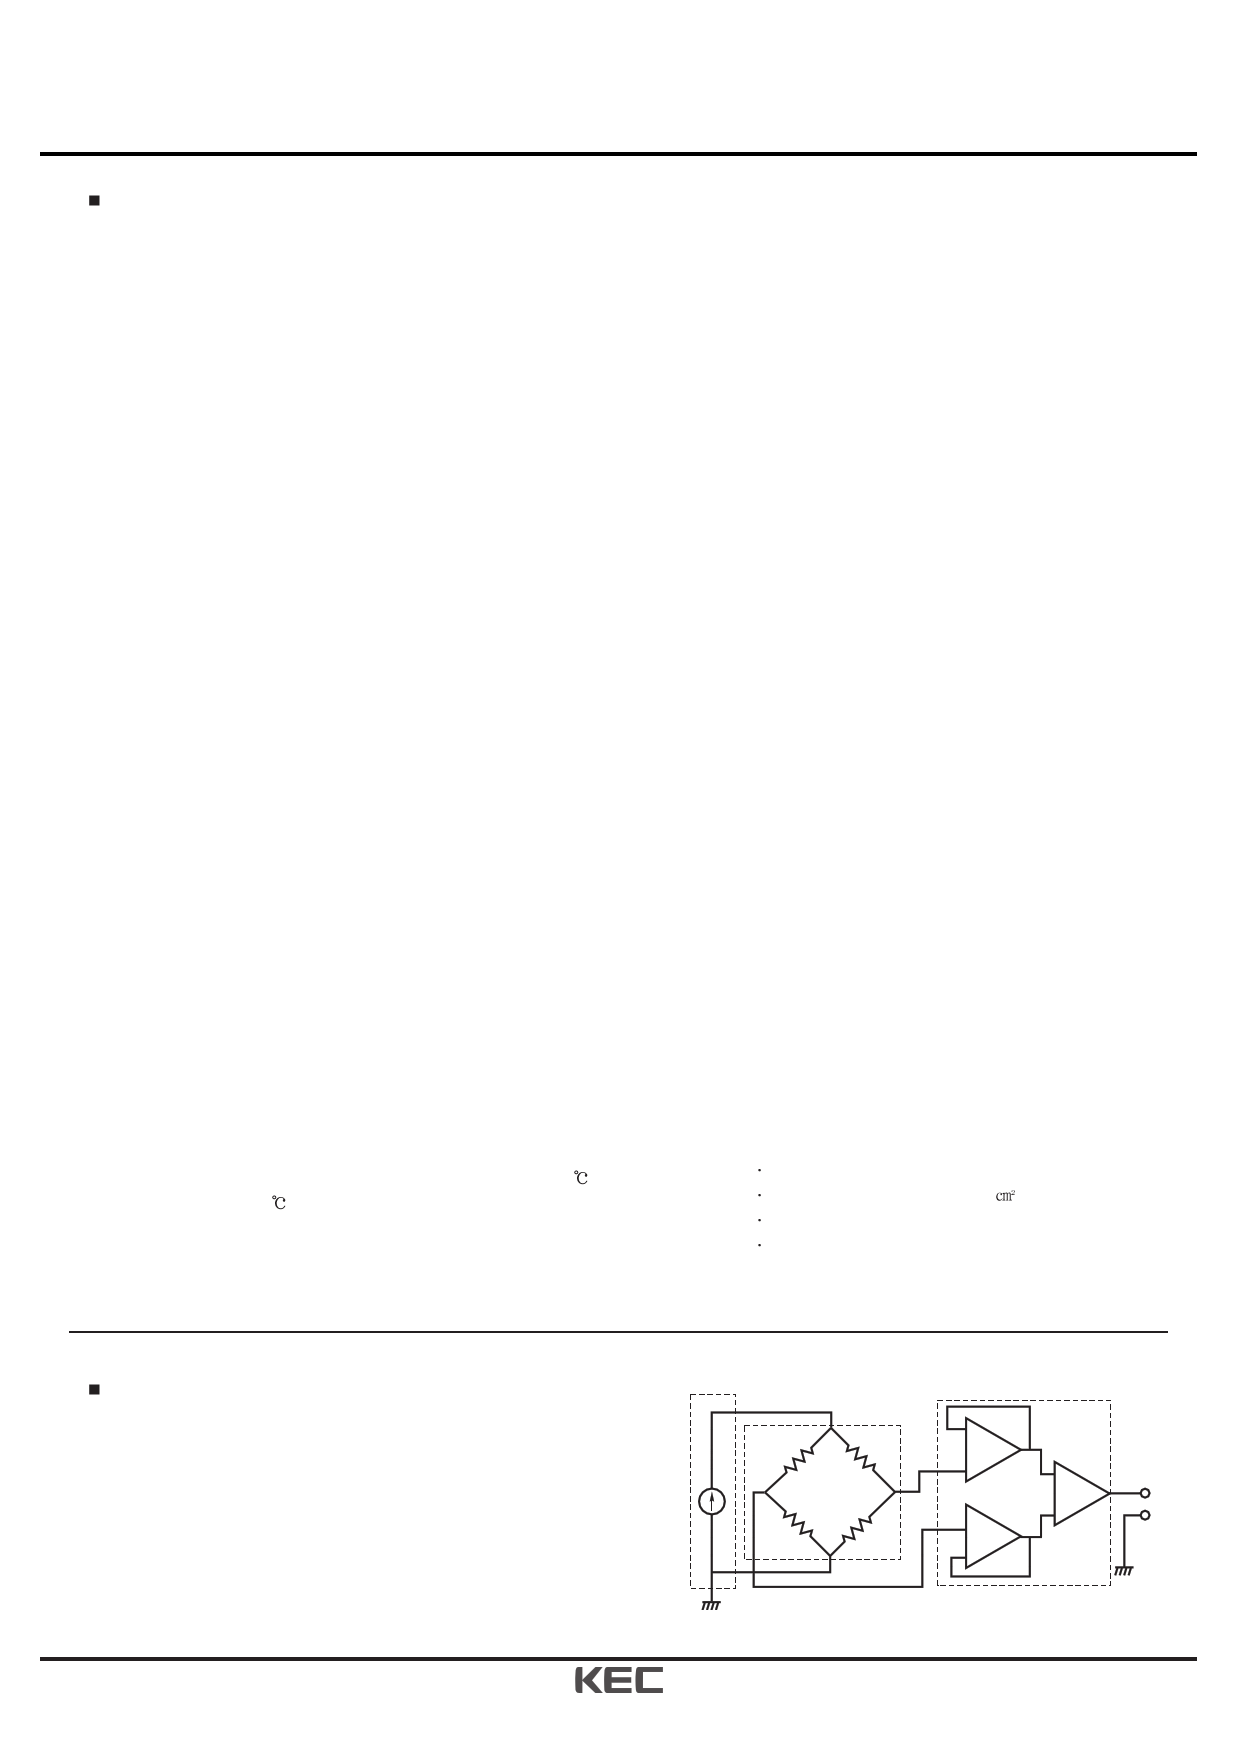 KPF801G01A pdf, 반도체, 판매, 대치품